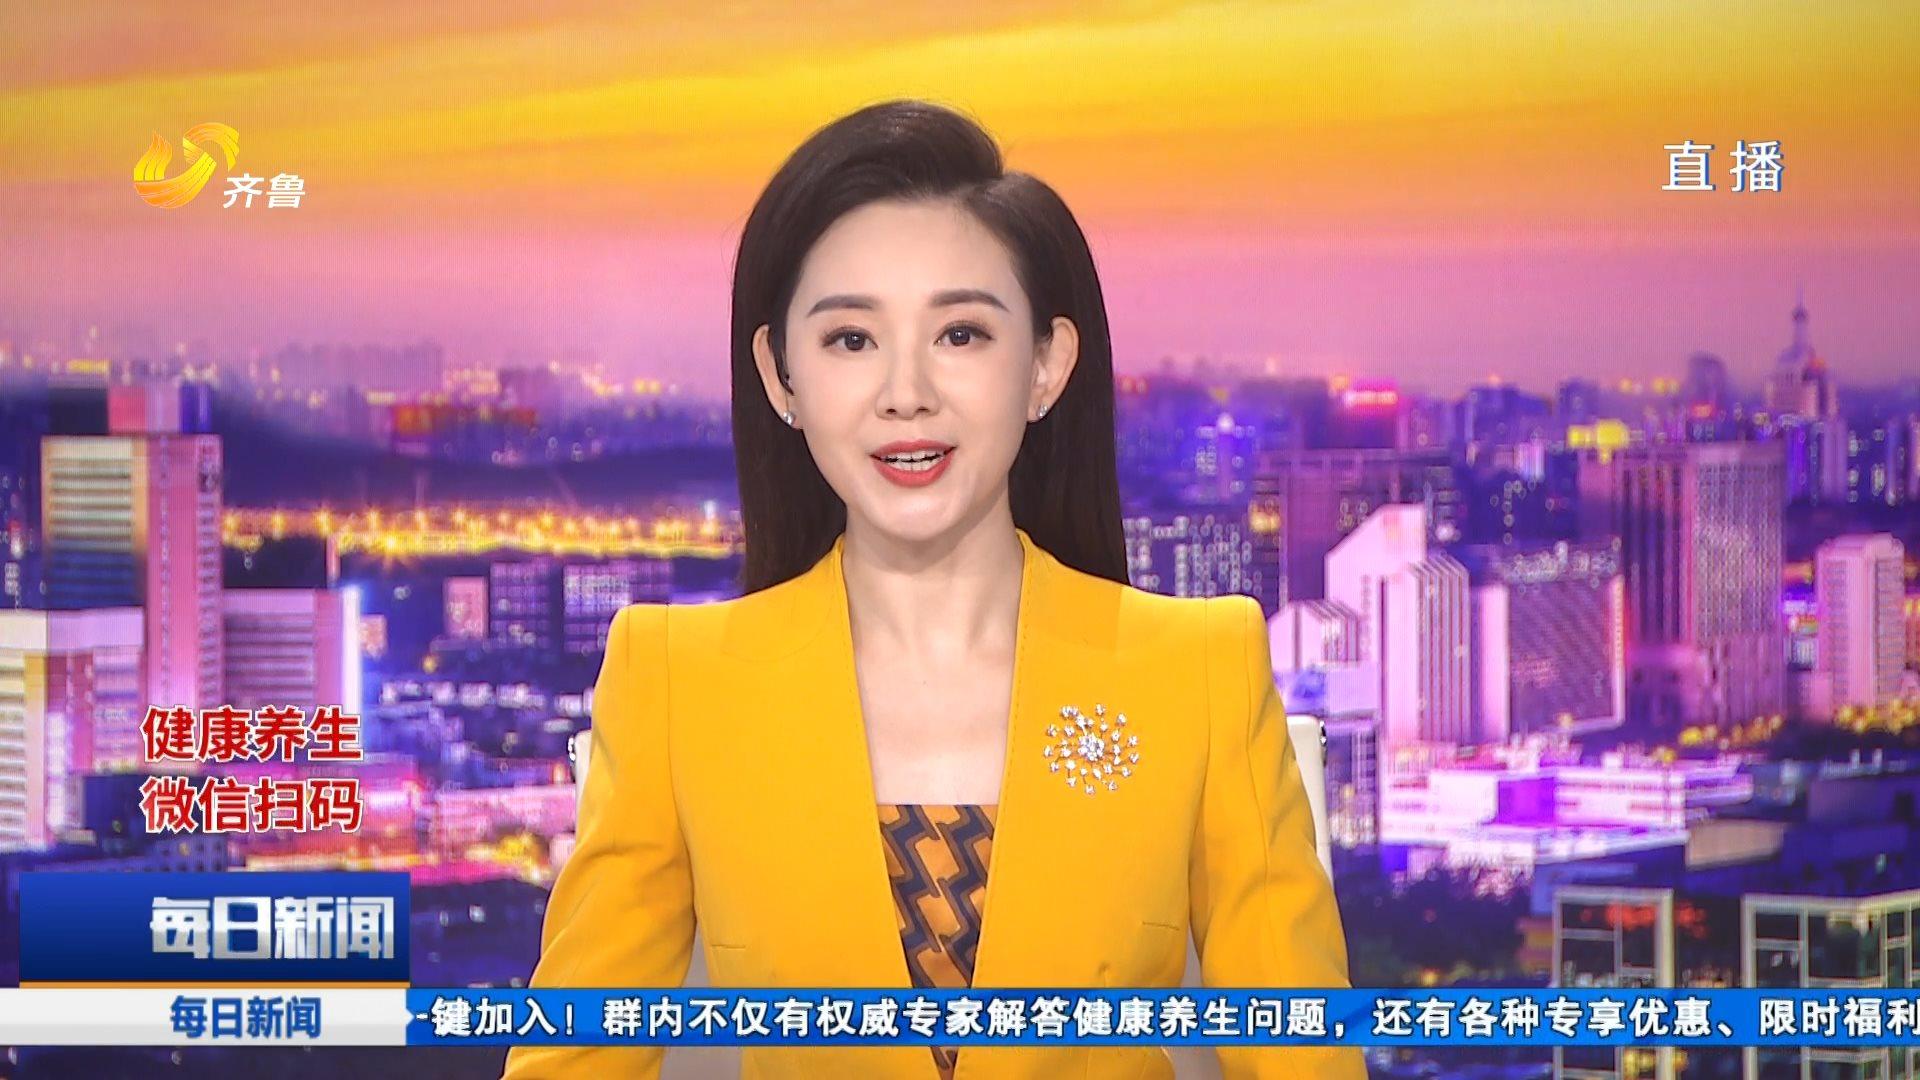 2020健康山东 草本养生节嘉年华将于9月26日在烟台举行